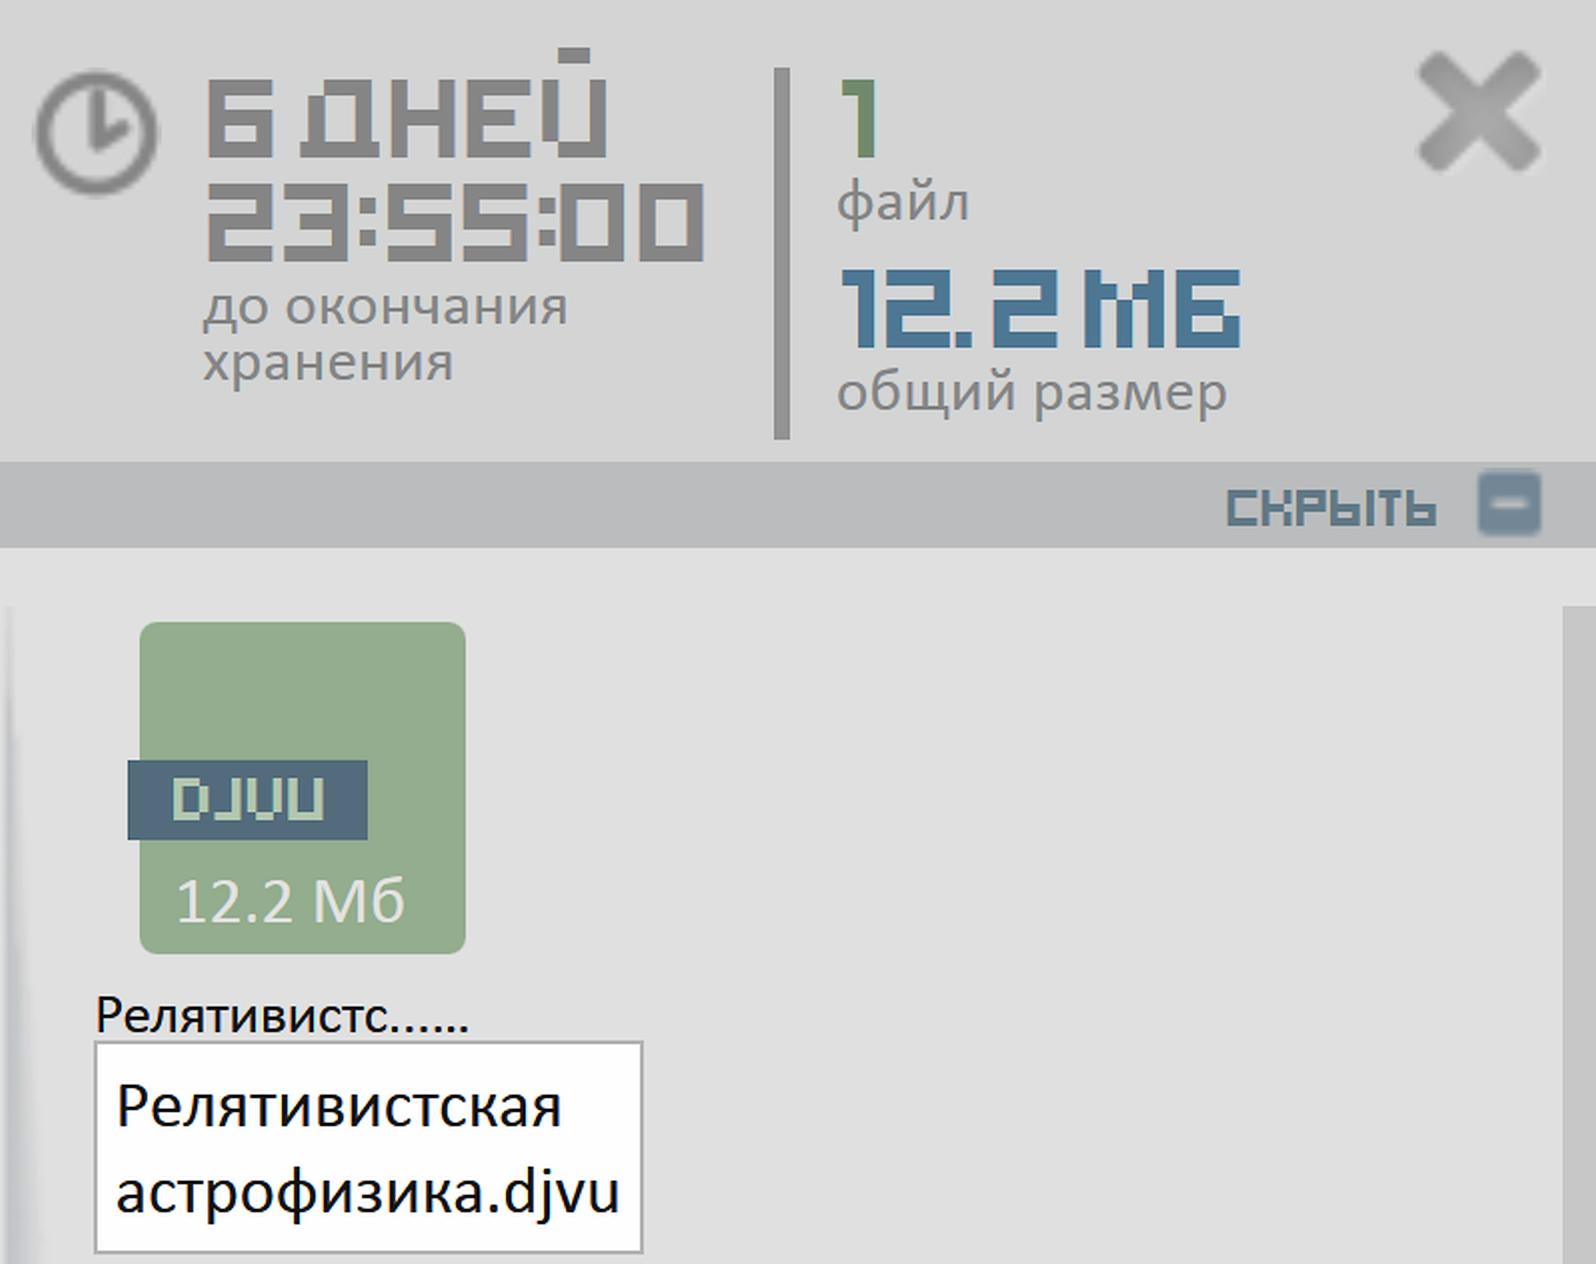 DropMeFiles — таймер обратного отсчета указывает оставшееся время до удаления файла